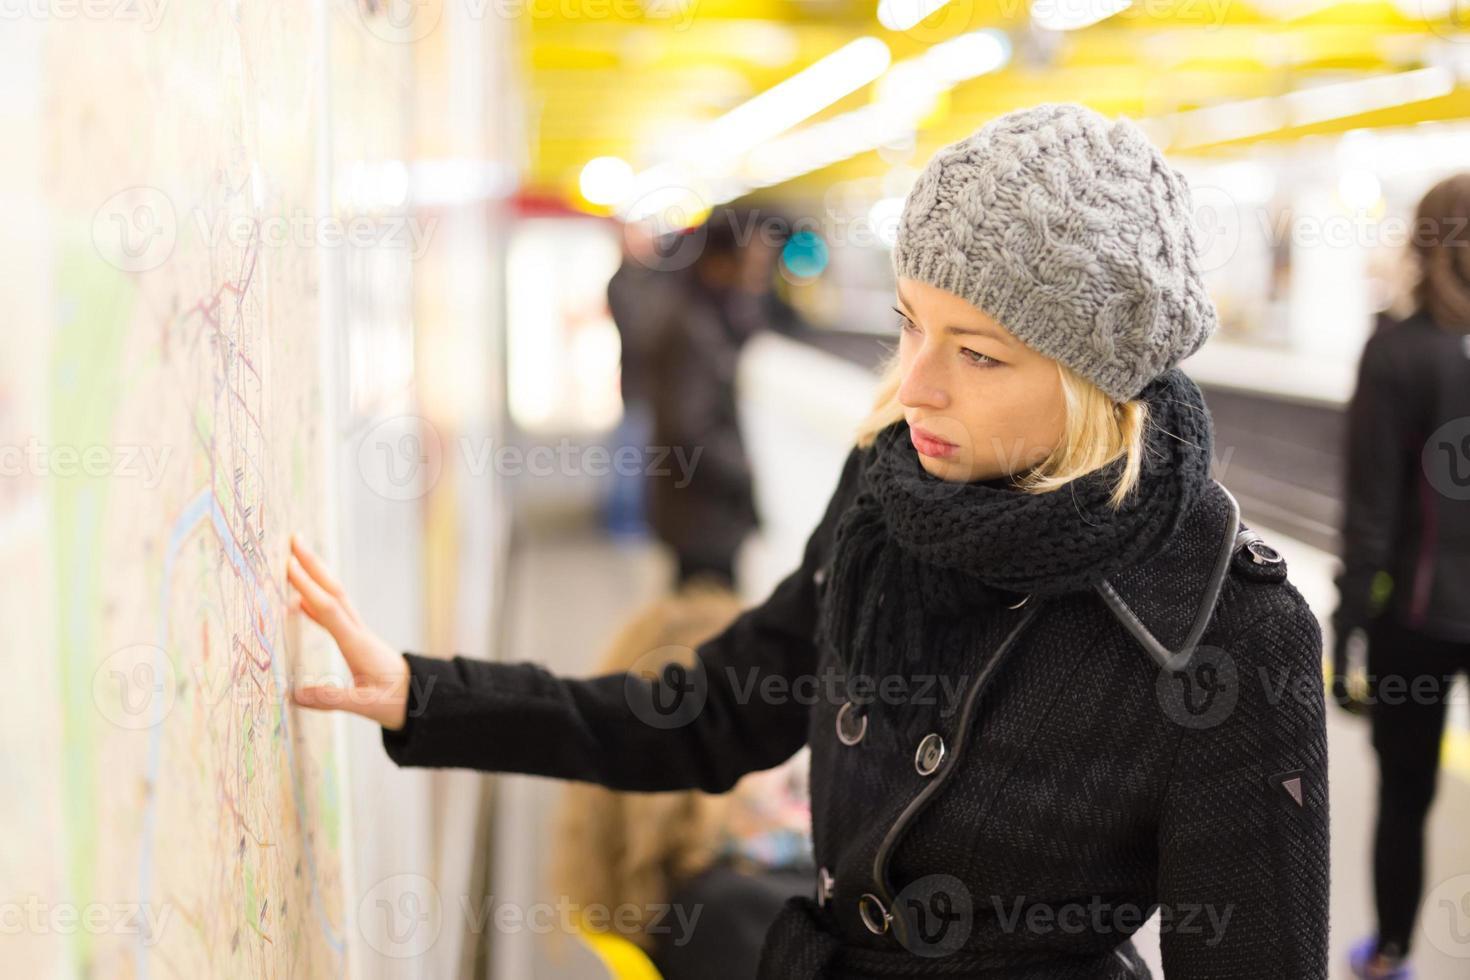 dam som tittar på kartan med kollektivtrafik. foto